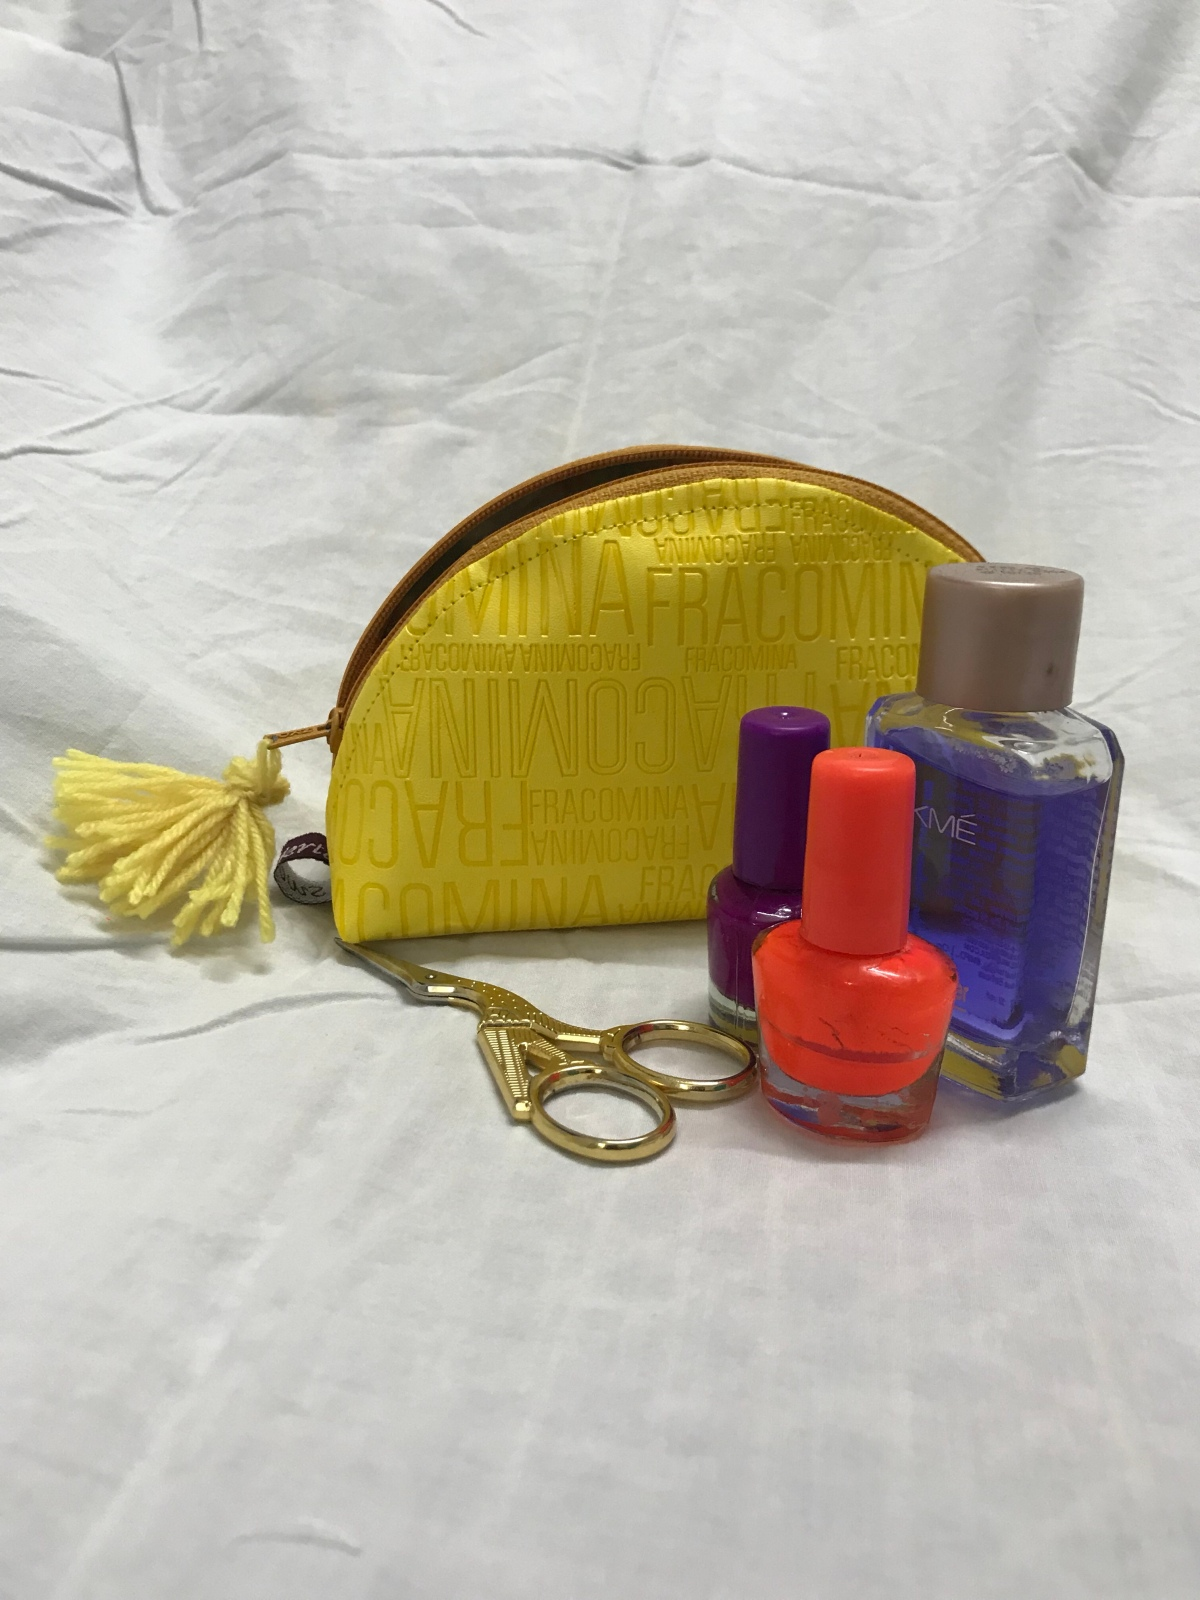 Yellow zipper pouch